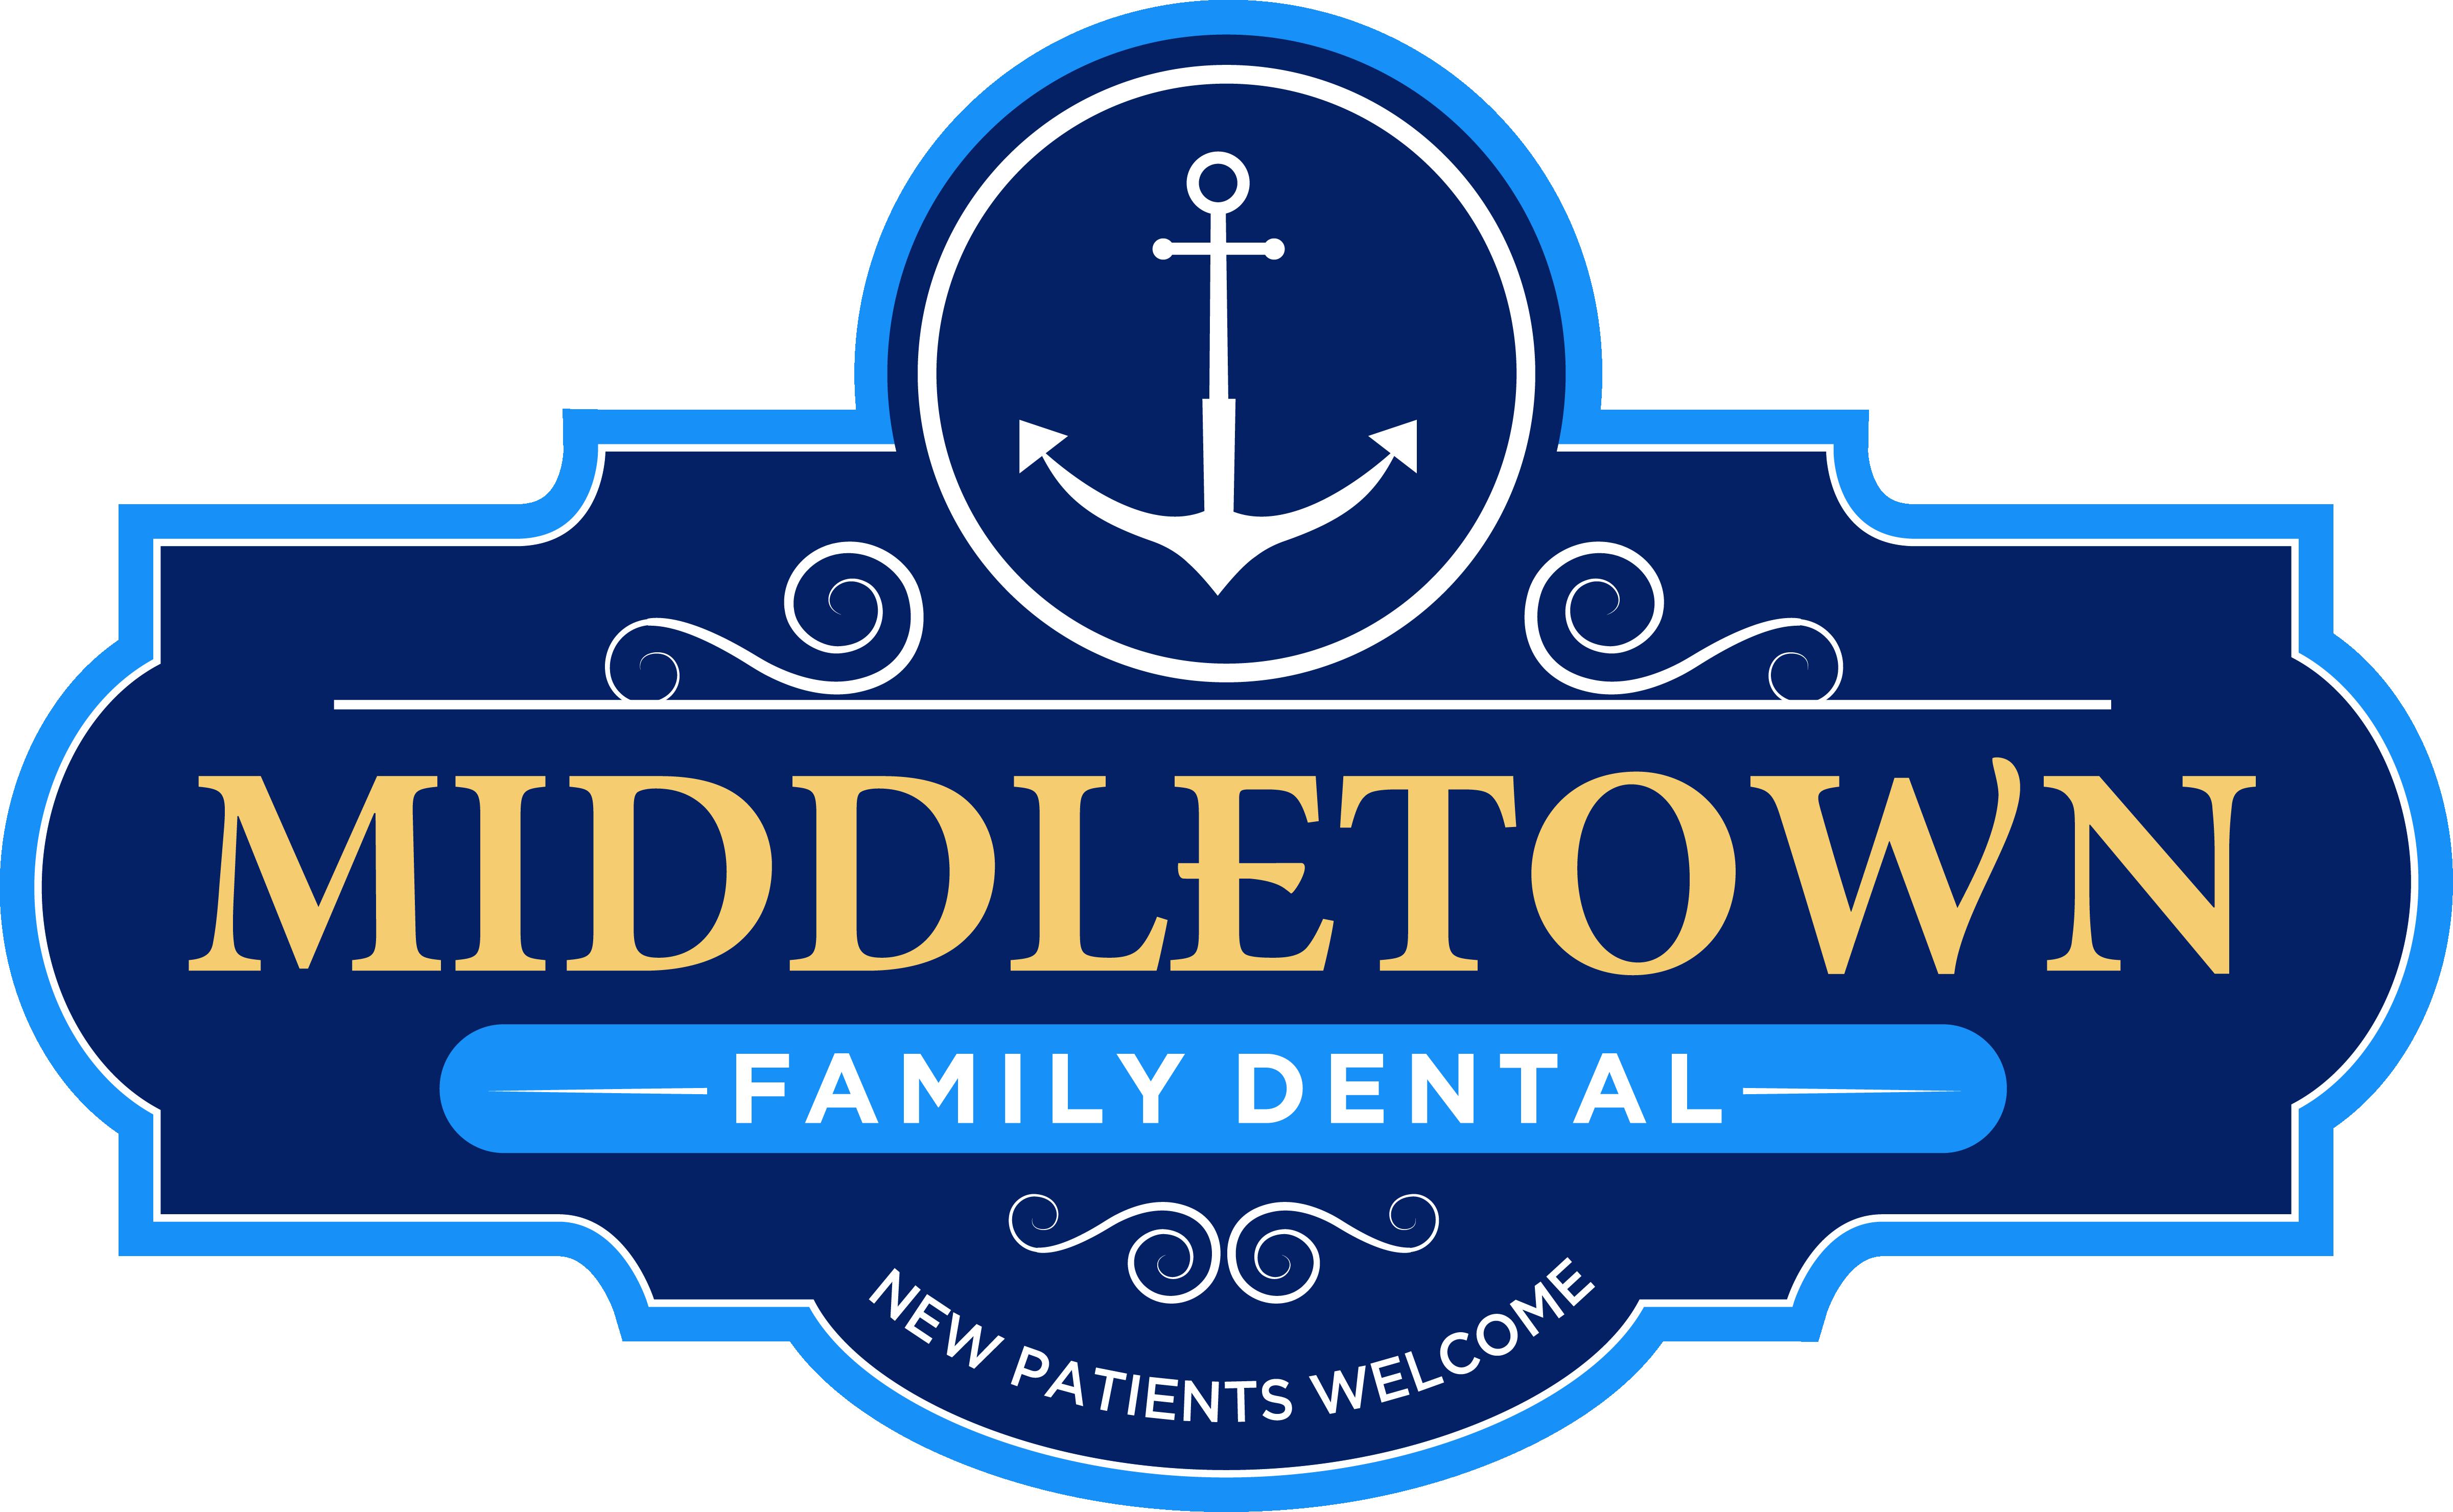 Middletown Family Dental